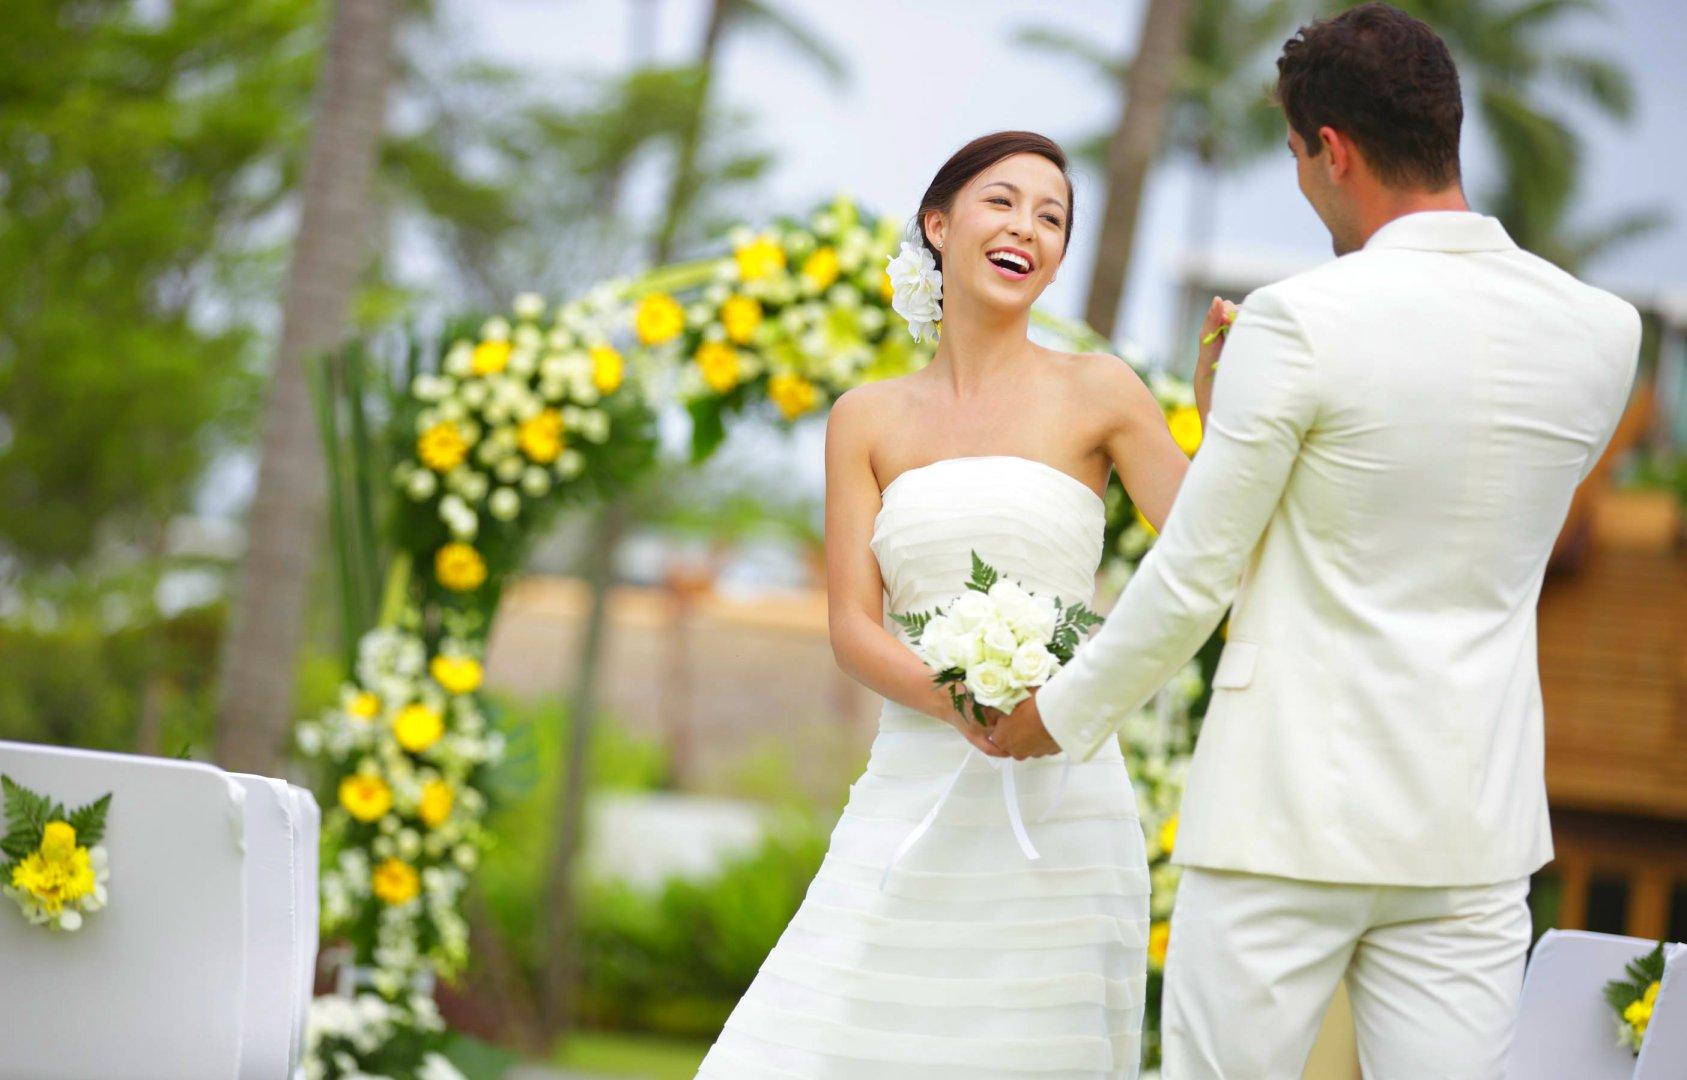 Свадьба - жених, невеста, платье, подарок на свадьбу